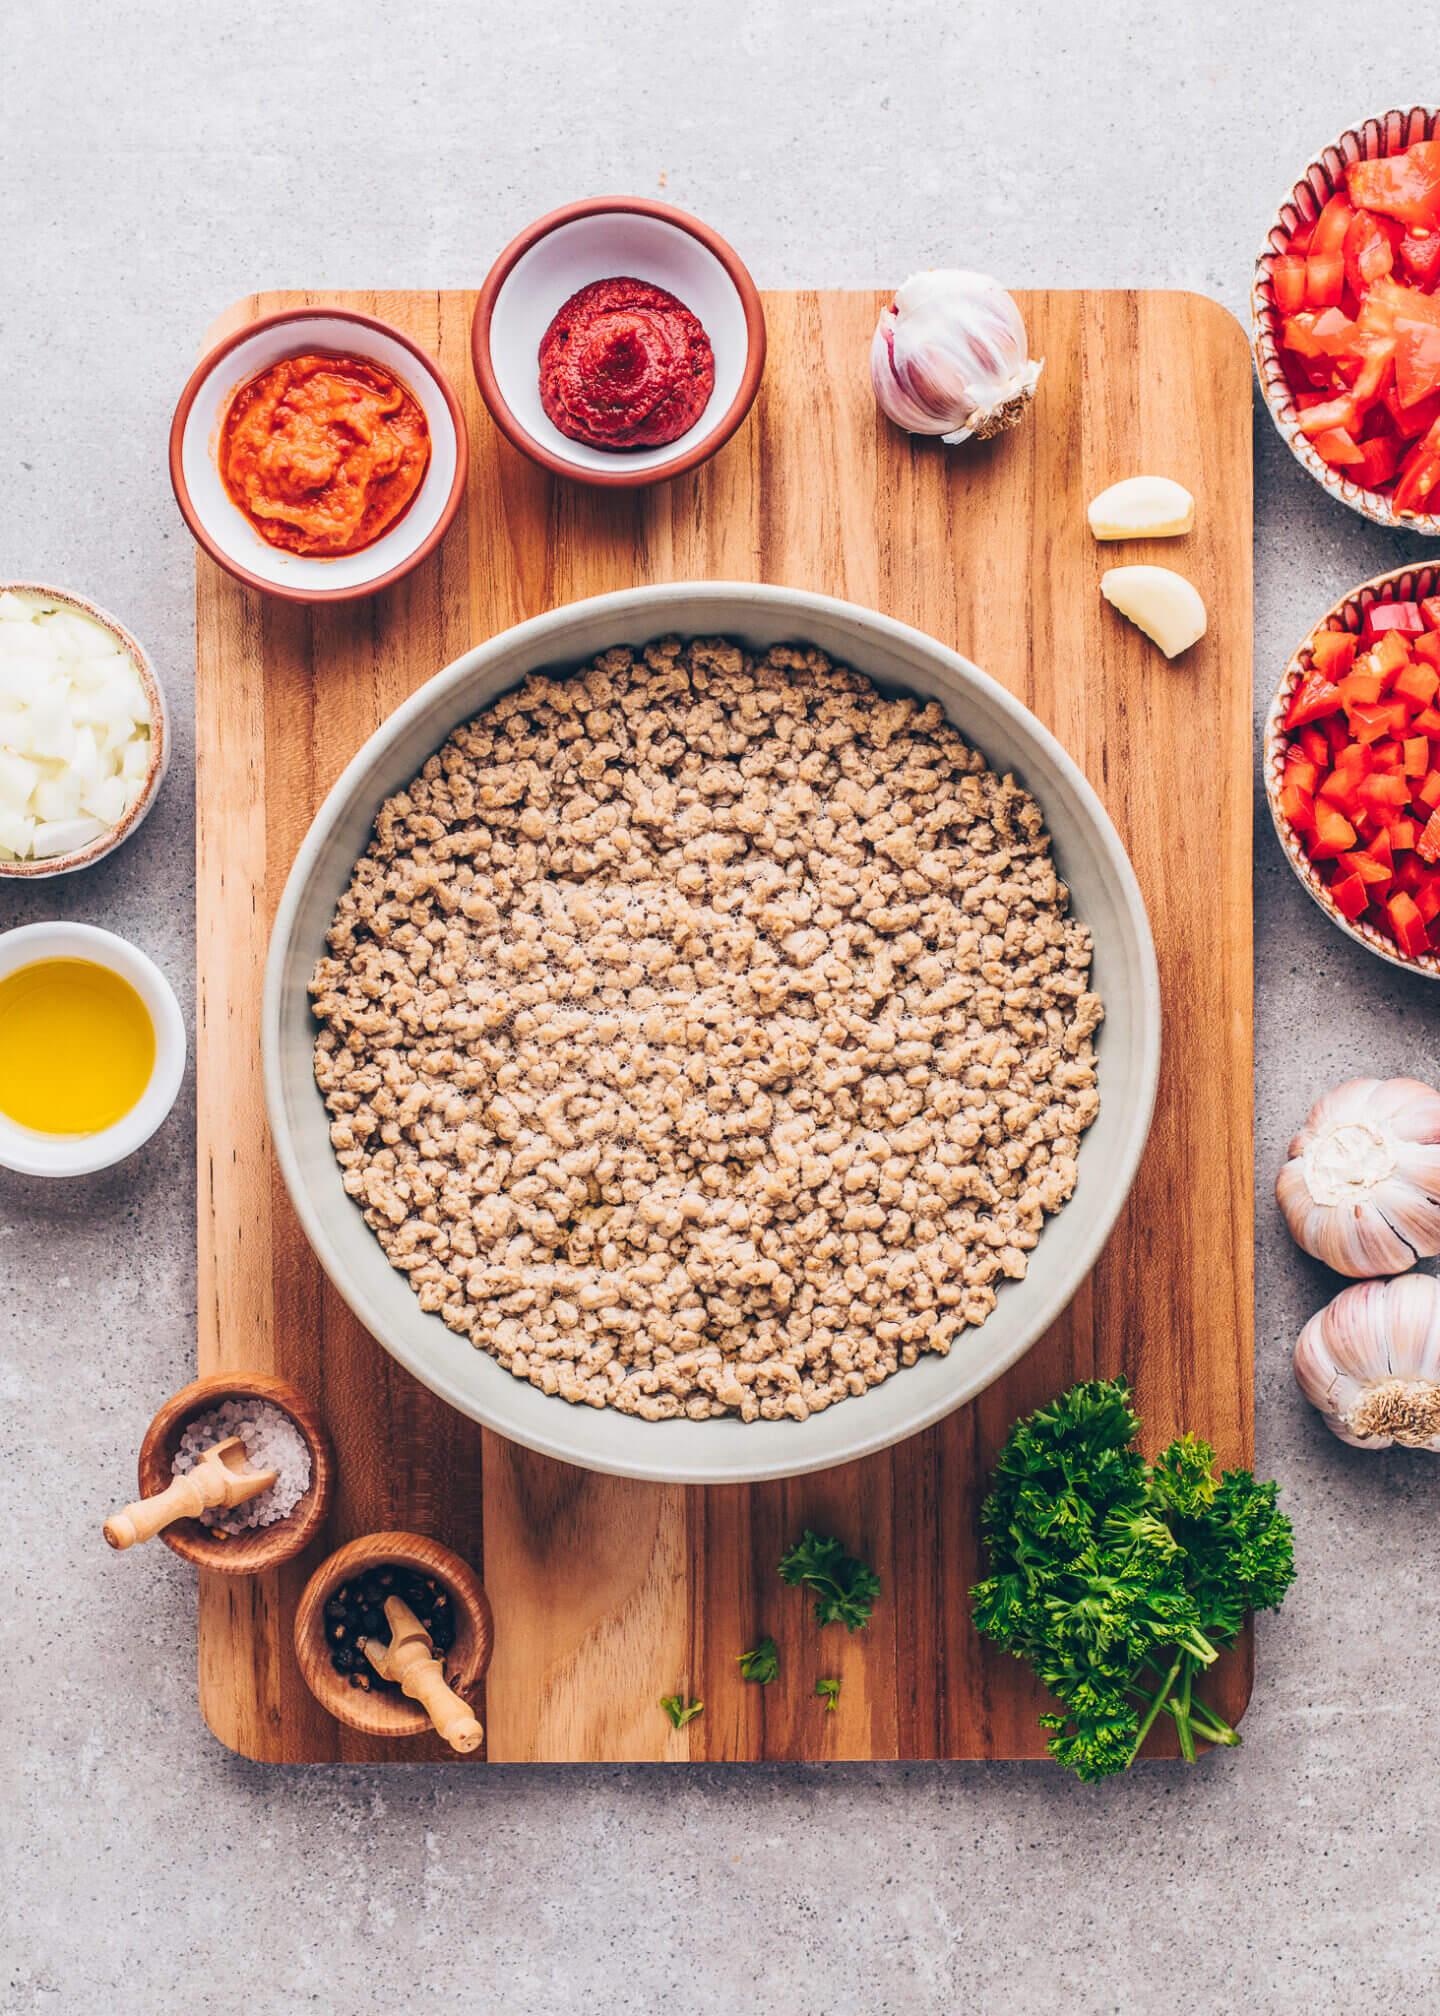 vegan mince granules soaked in vegetable broth